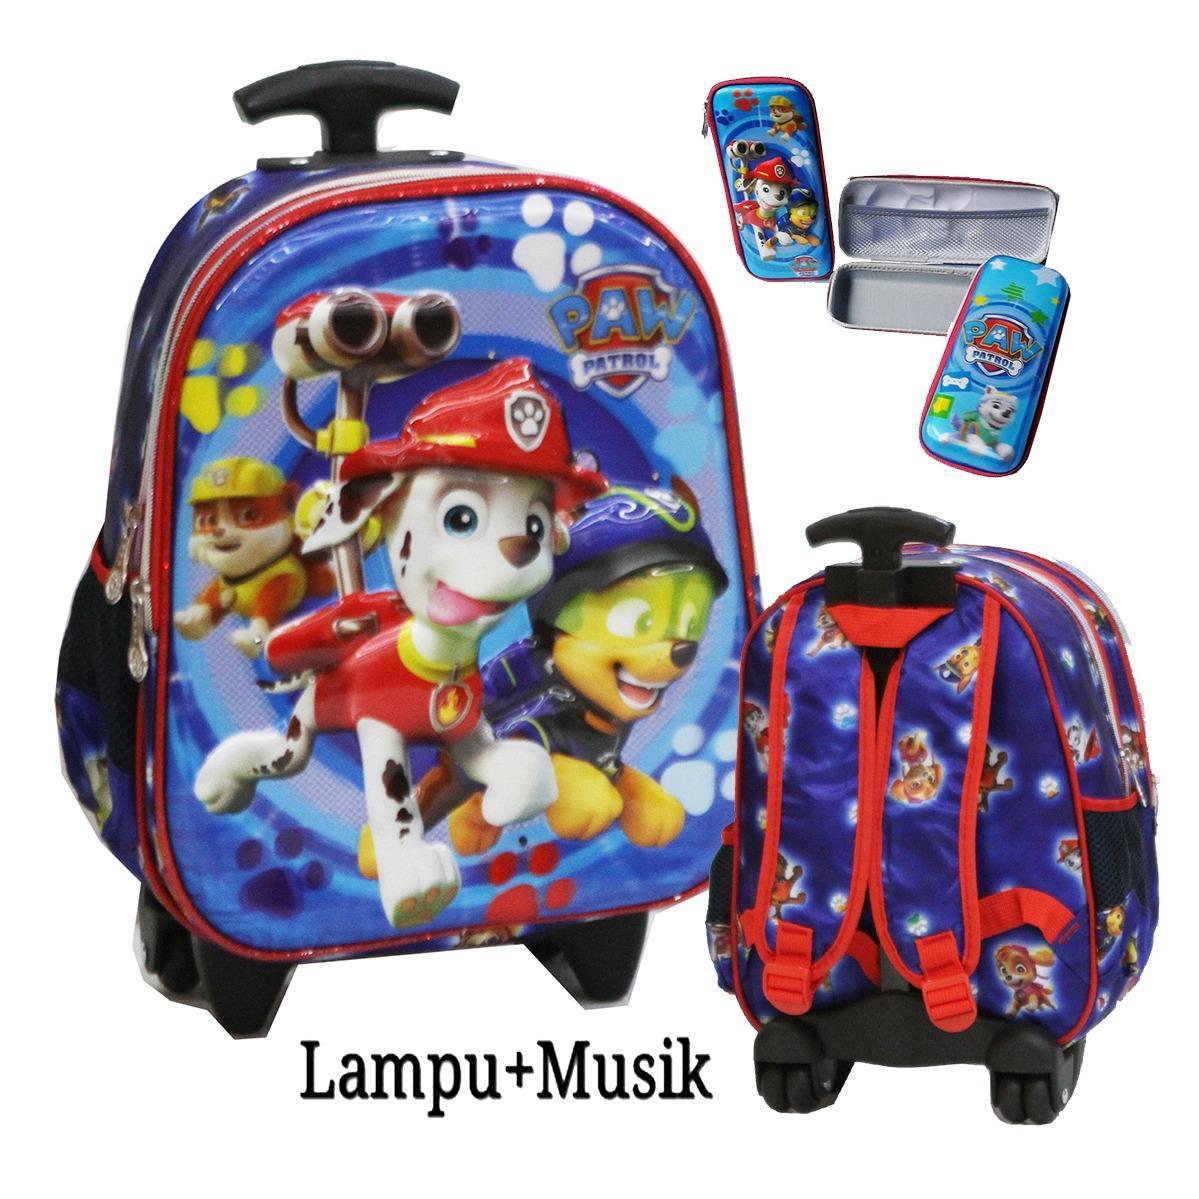 Spesifikasi Onlan Tas Lampu Music Trolley Anak Sekolah Tk Atau Pg Motif Karakter Anak Laki Laki 5D Timbul Import Kotak Pensil Blue Bagus